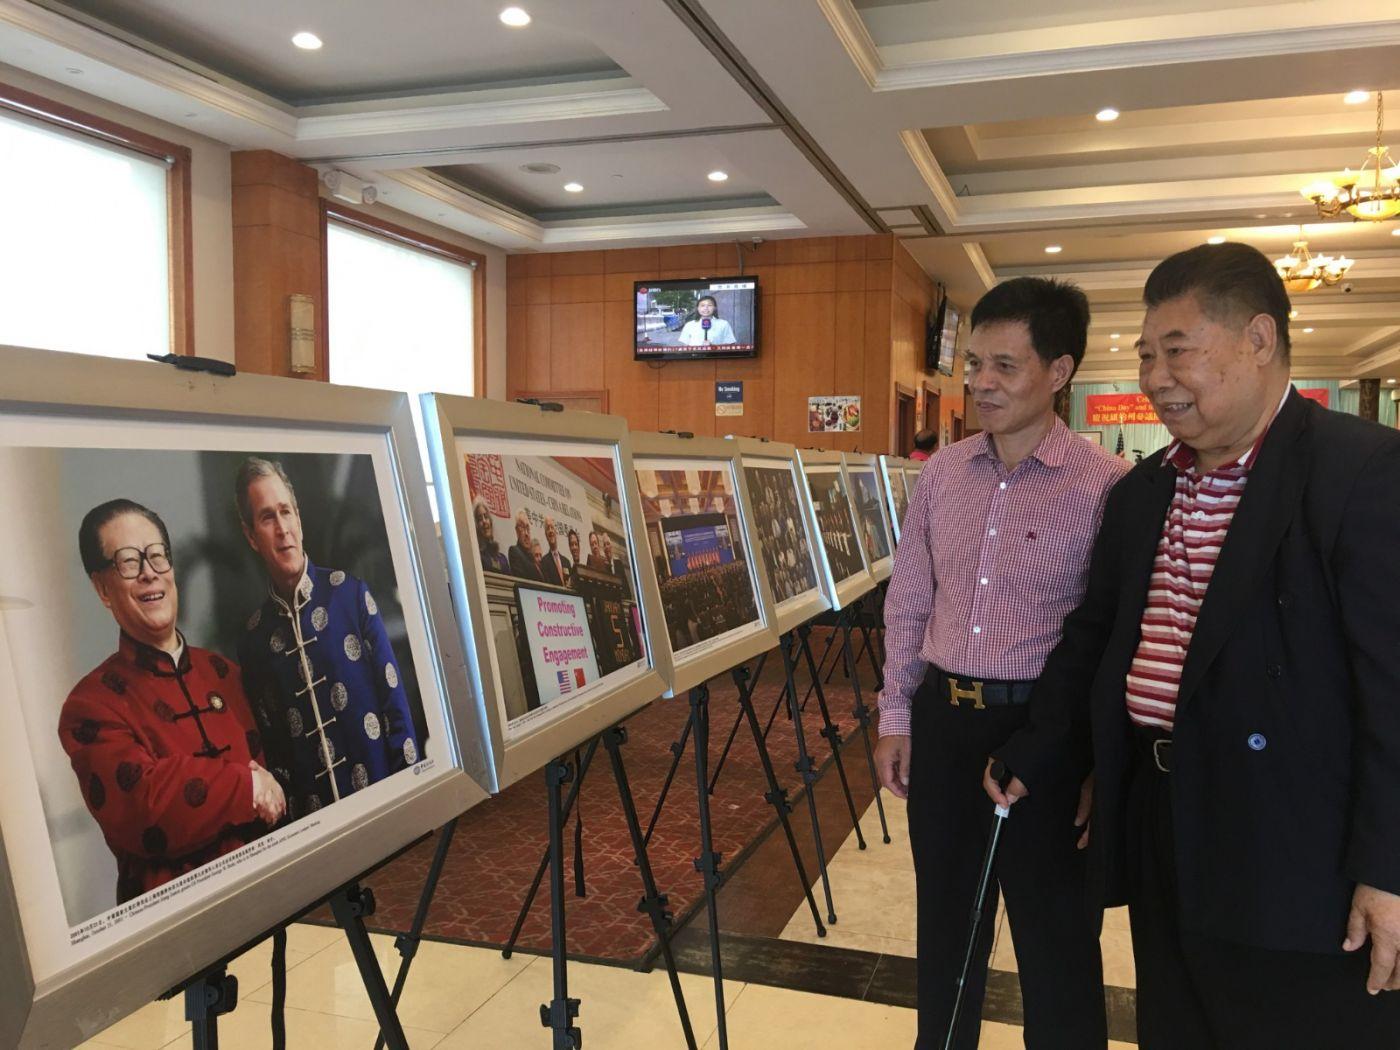 紐約州參議院通過「中國日」決議案慶祝会在紐約舉行_图1-5